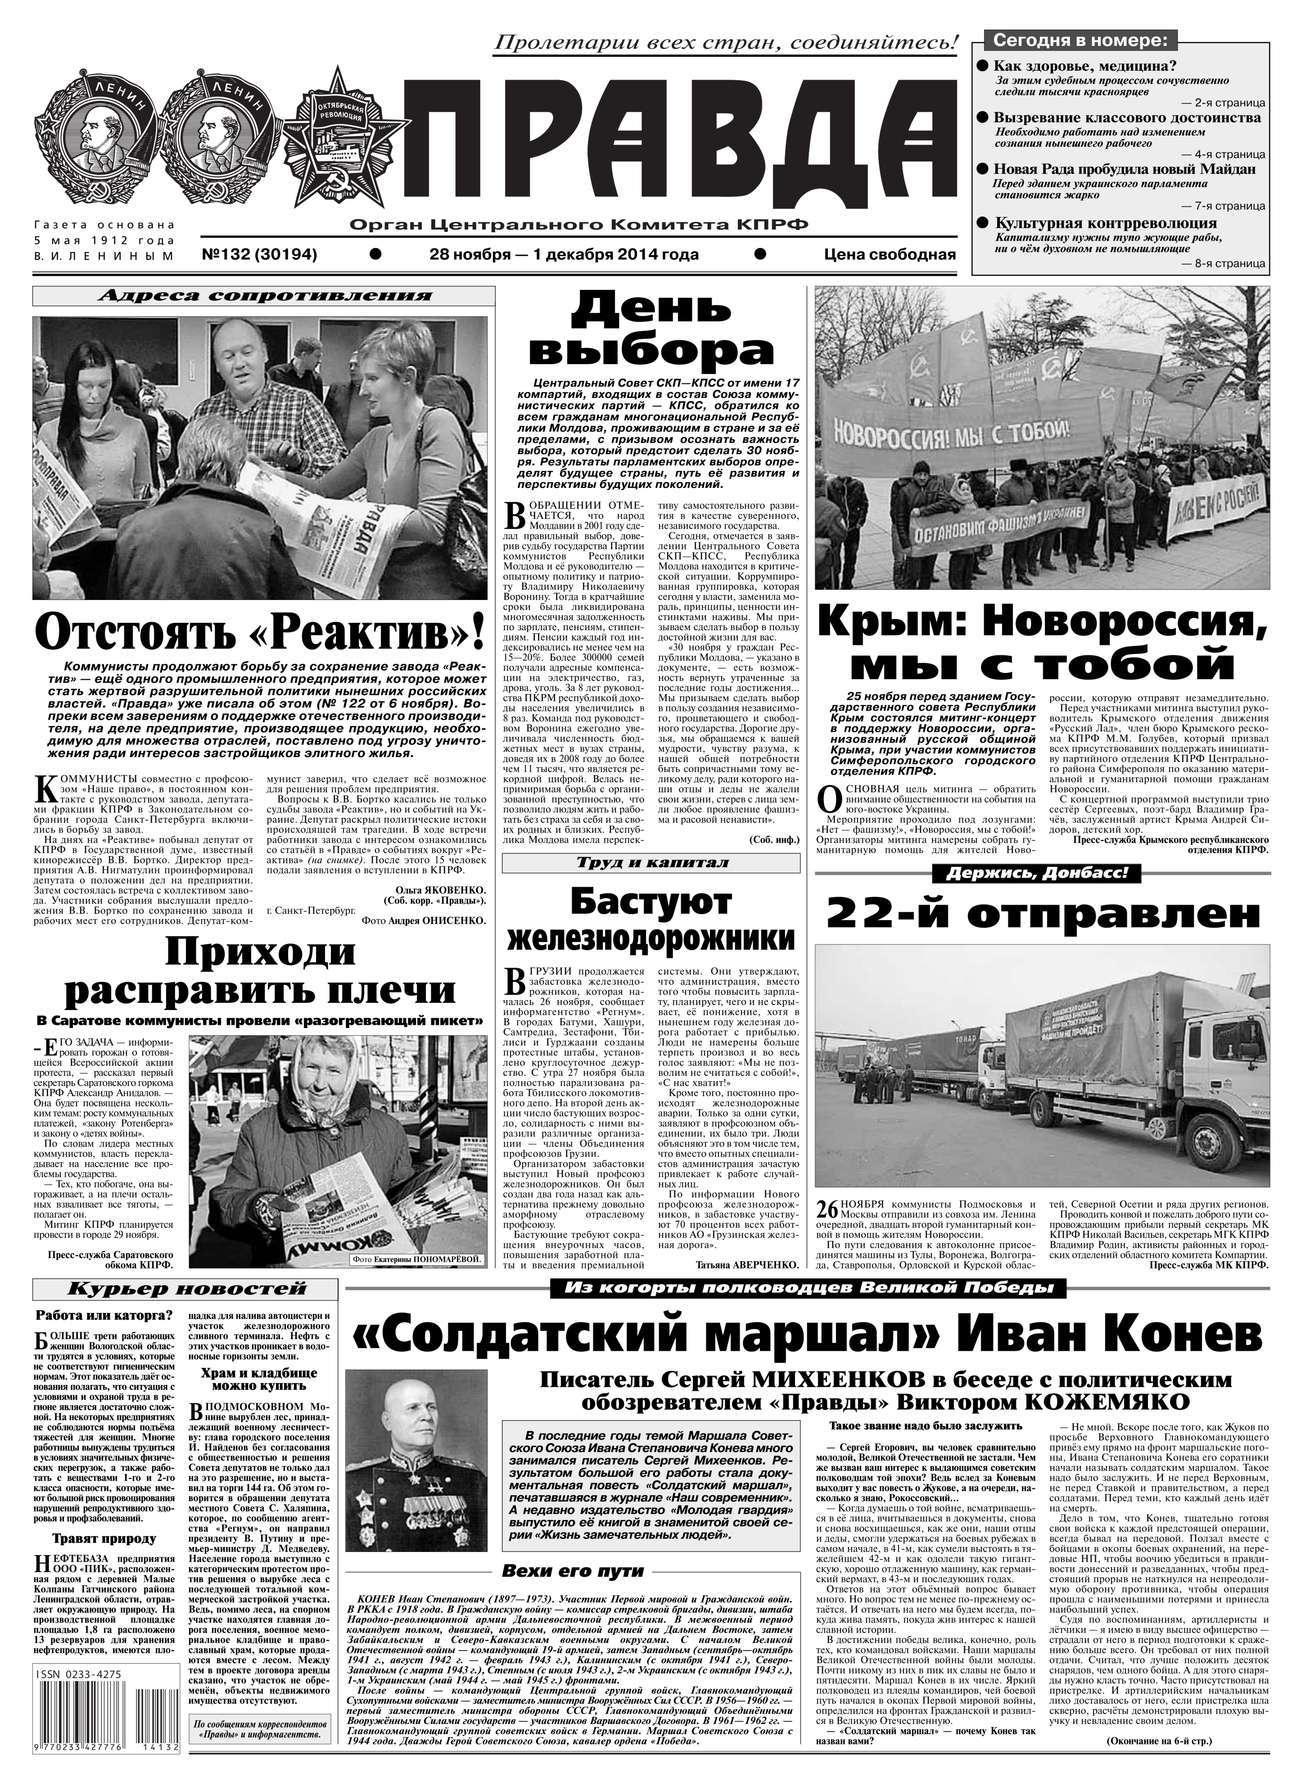 Редакция газеты Правда Правда 132 газеты